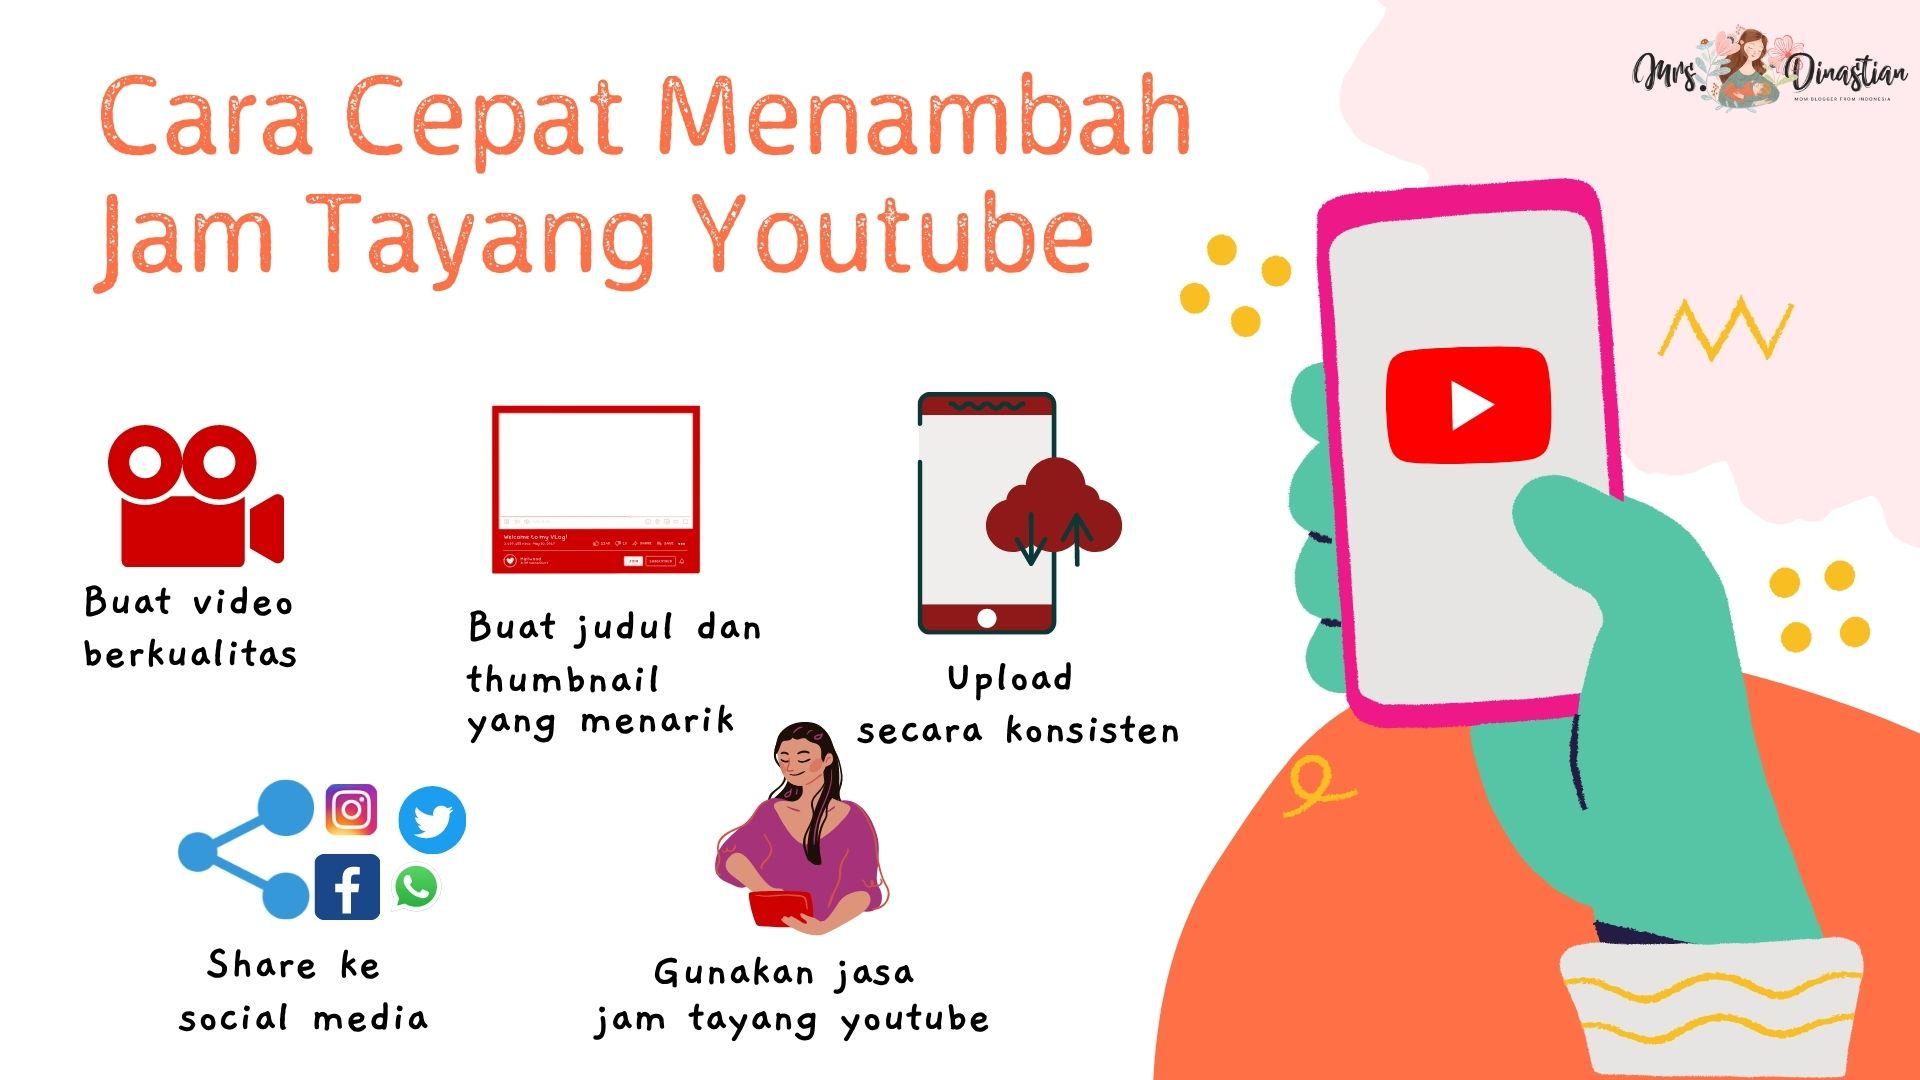 Cara Cepat Menambah Jam Tayang Youtube